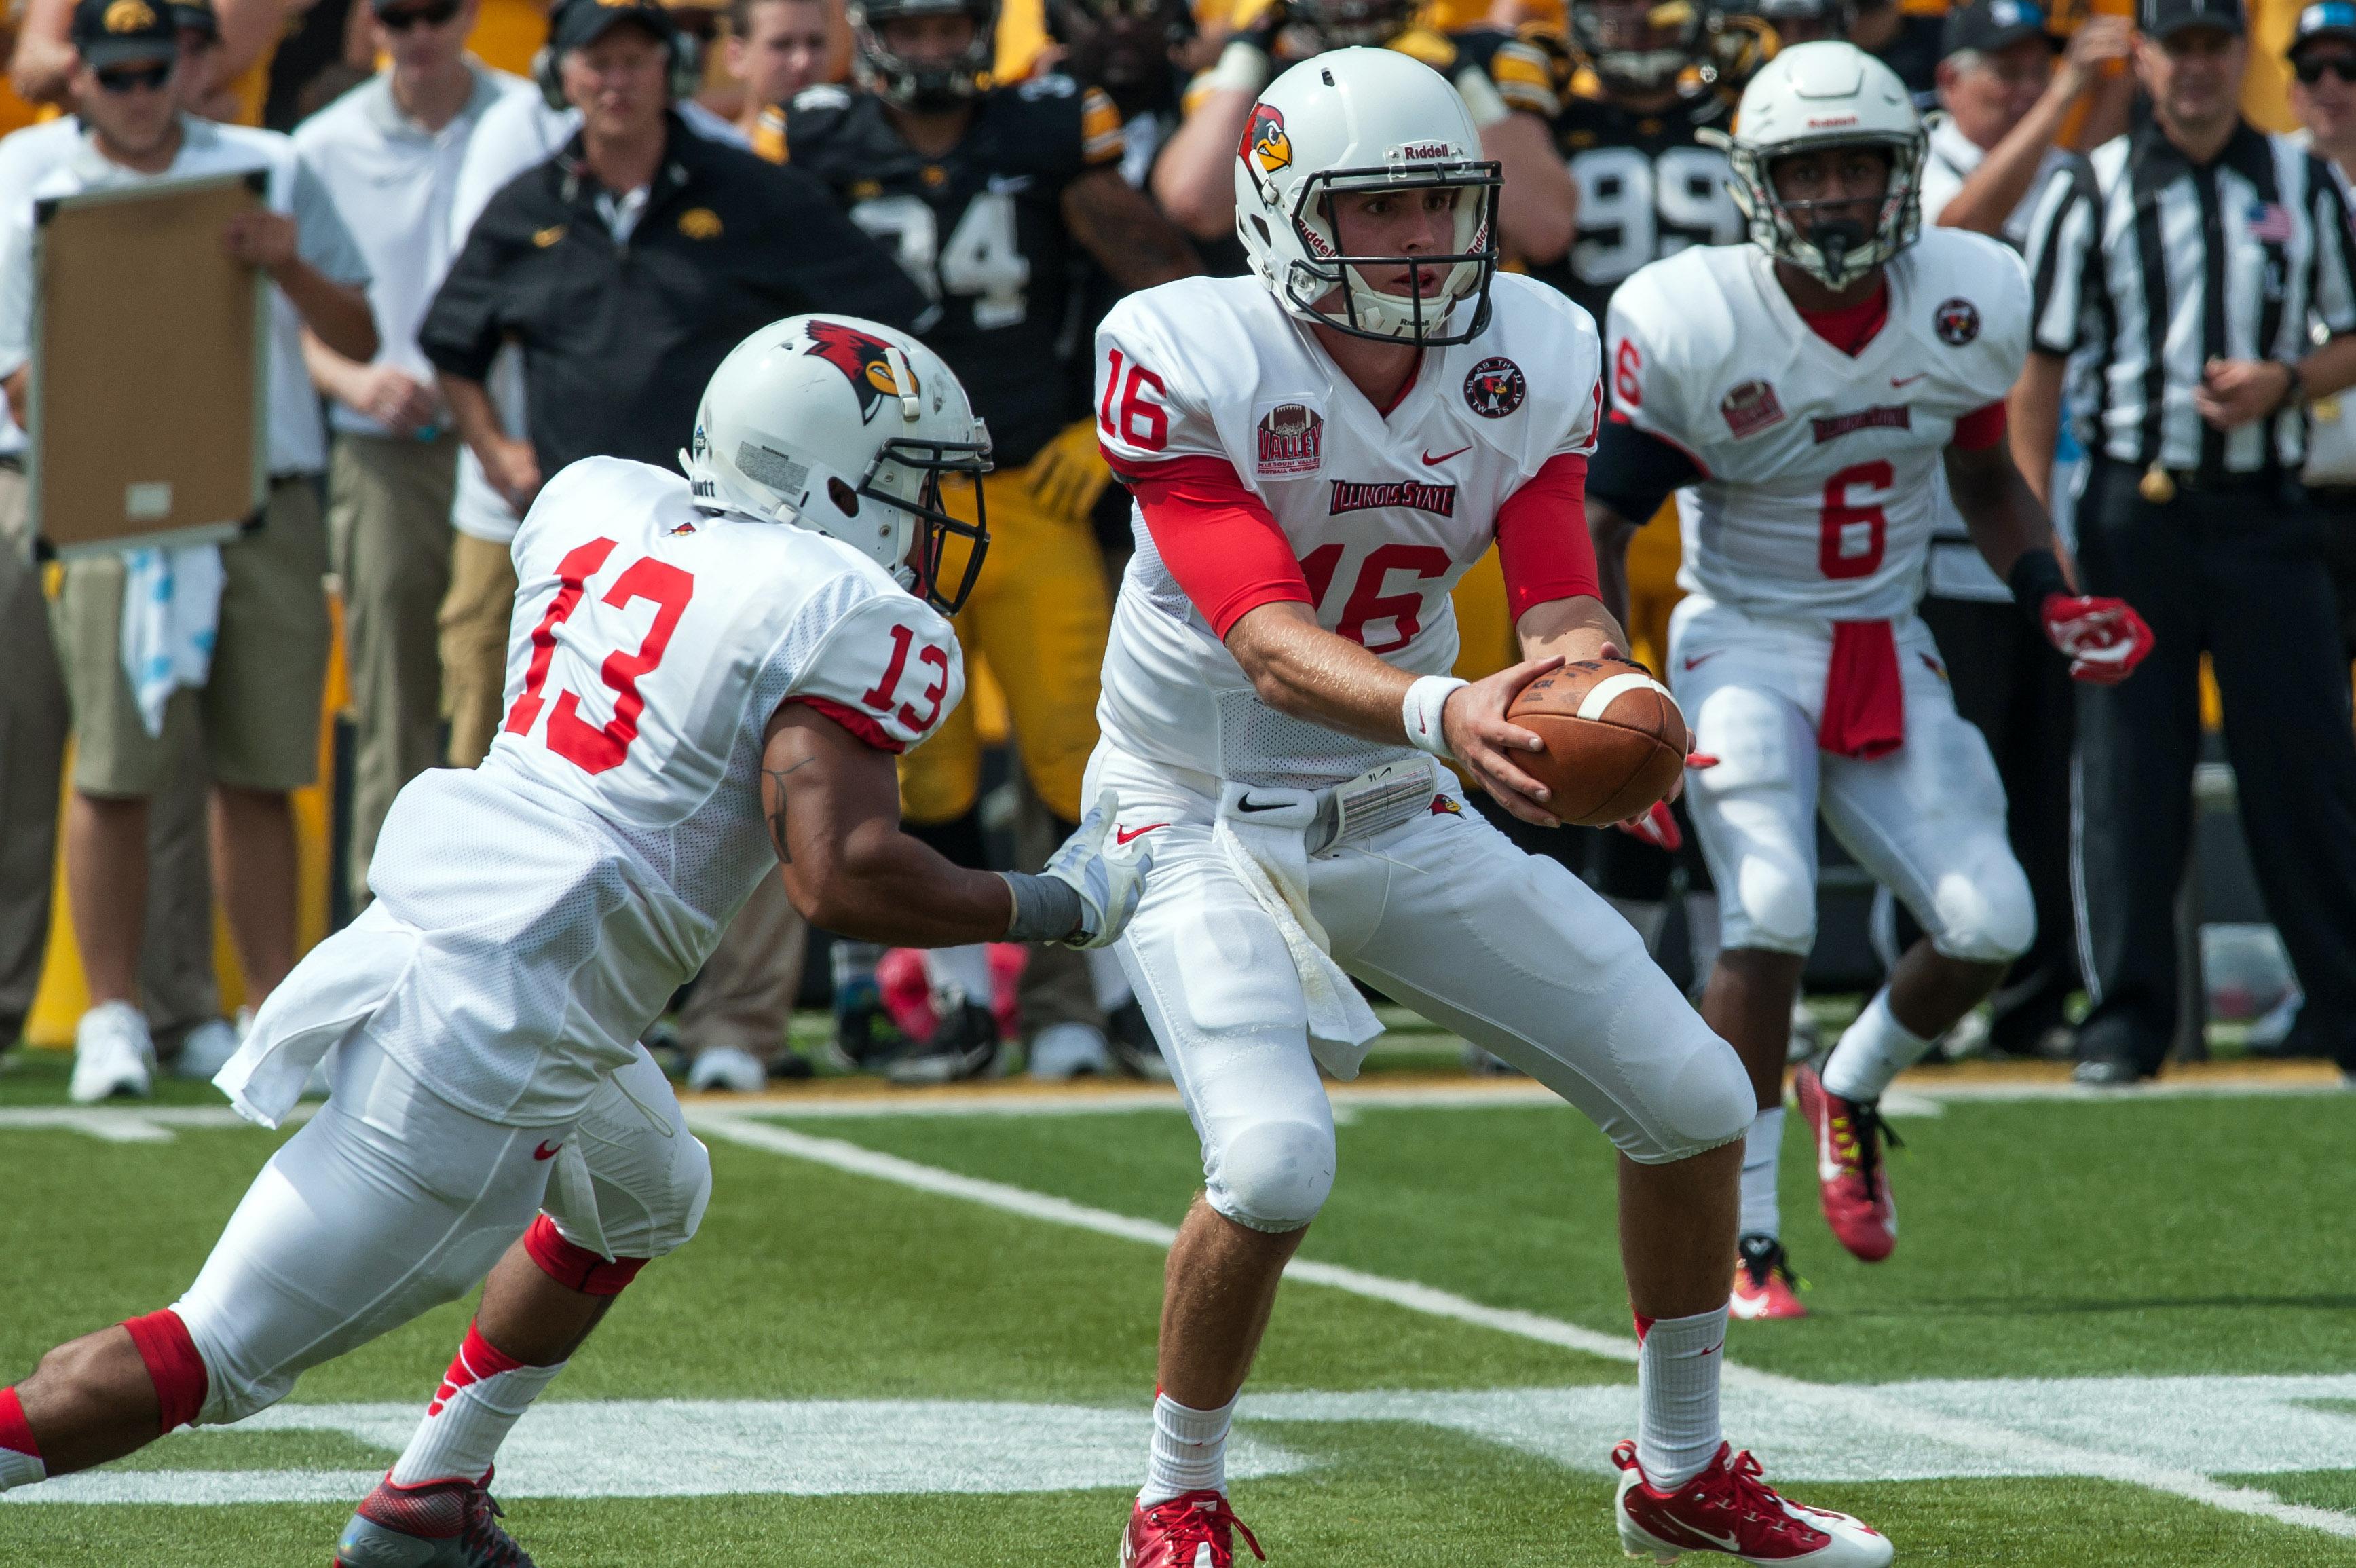 NCAA Football: Illinois State at Iowa